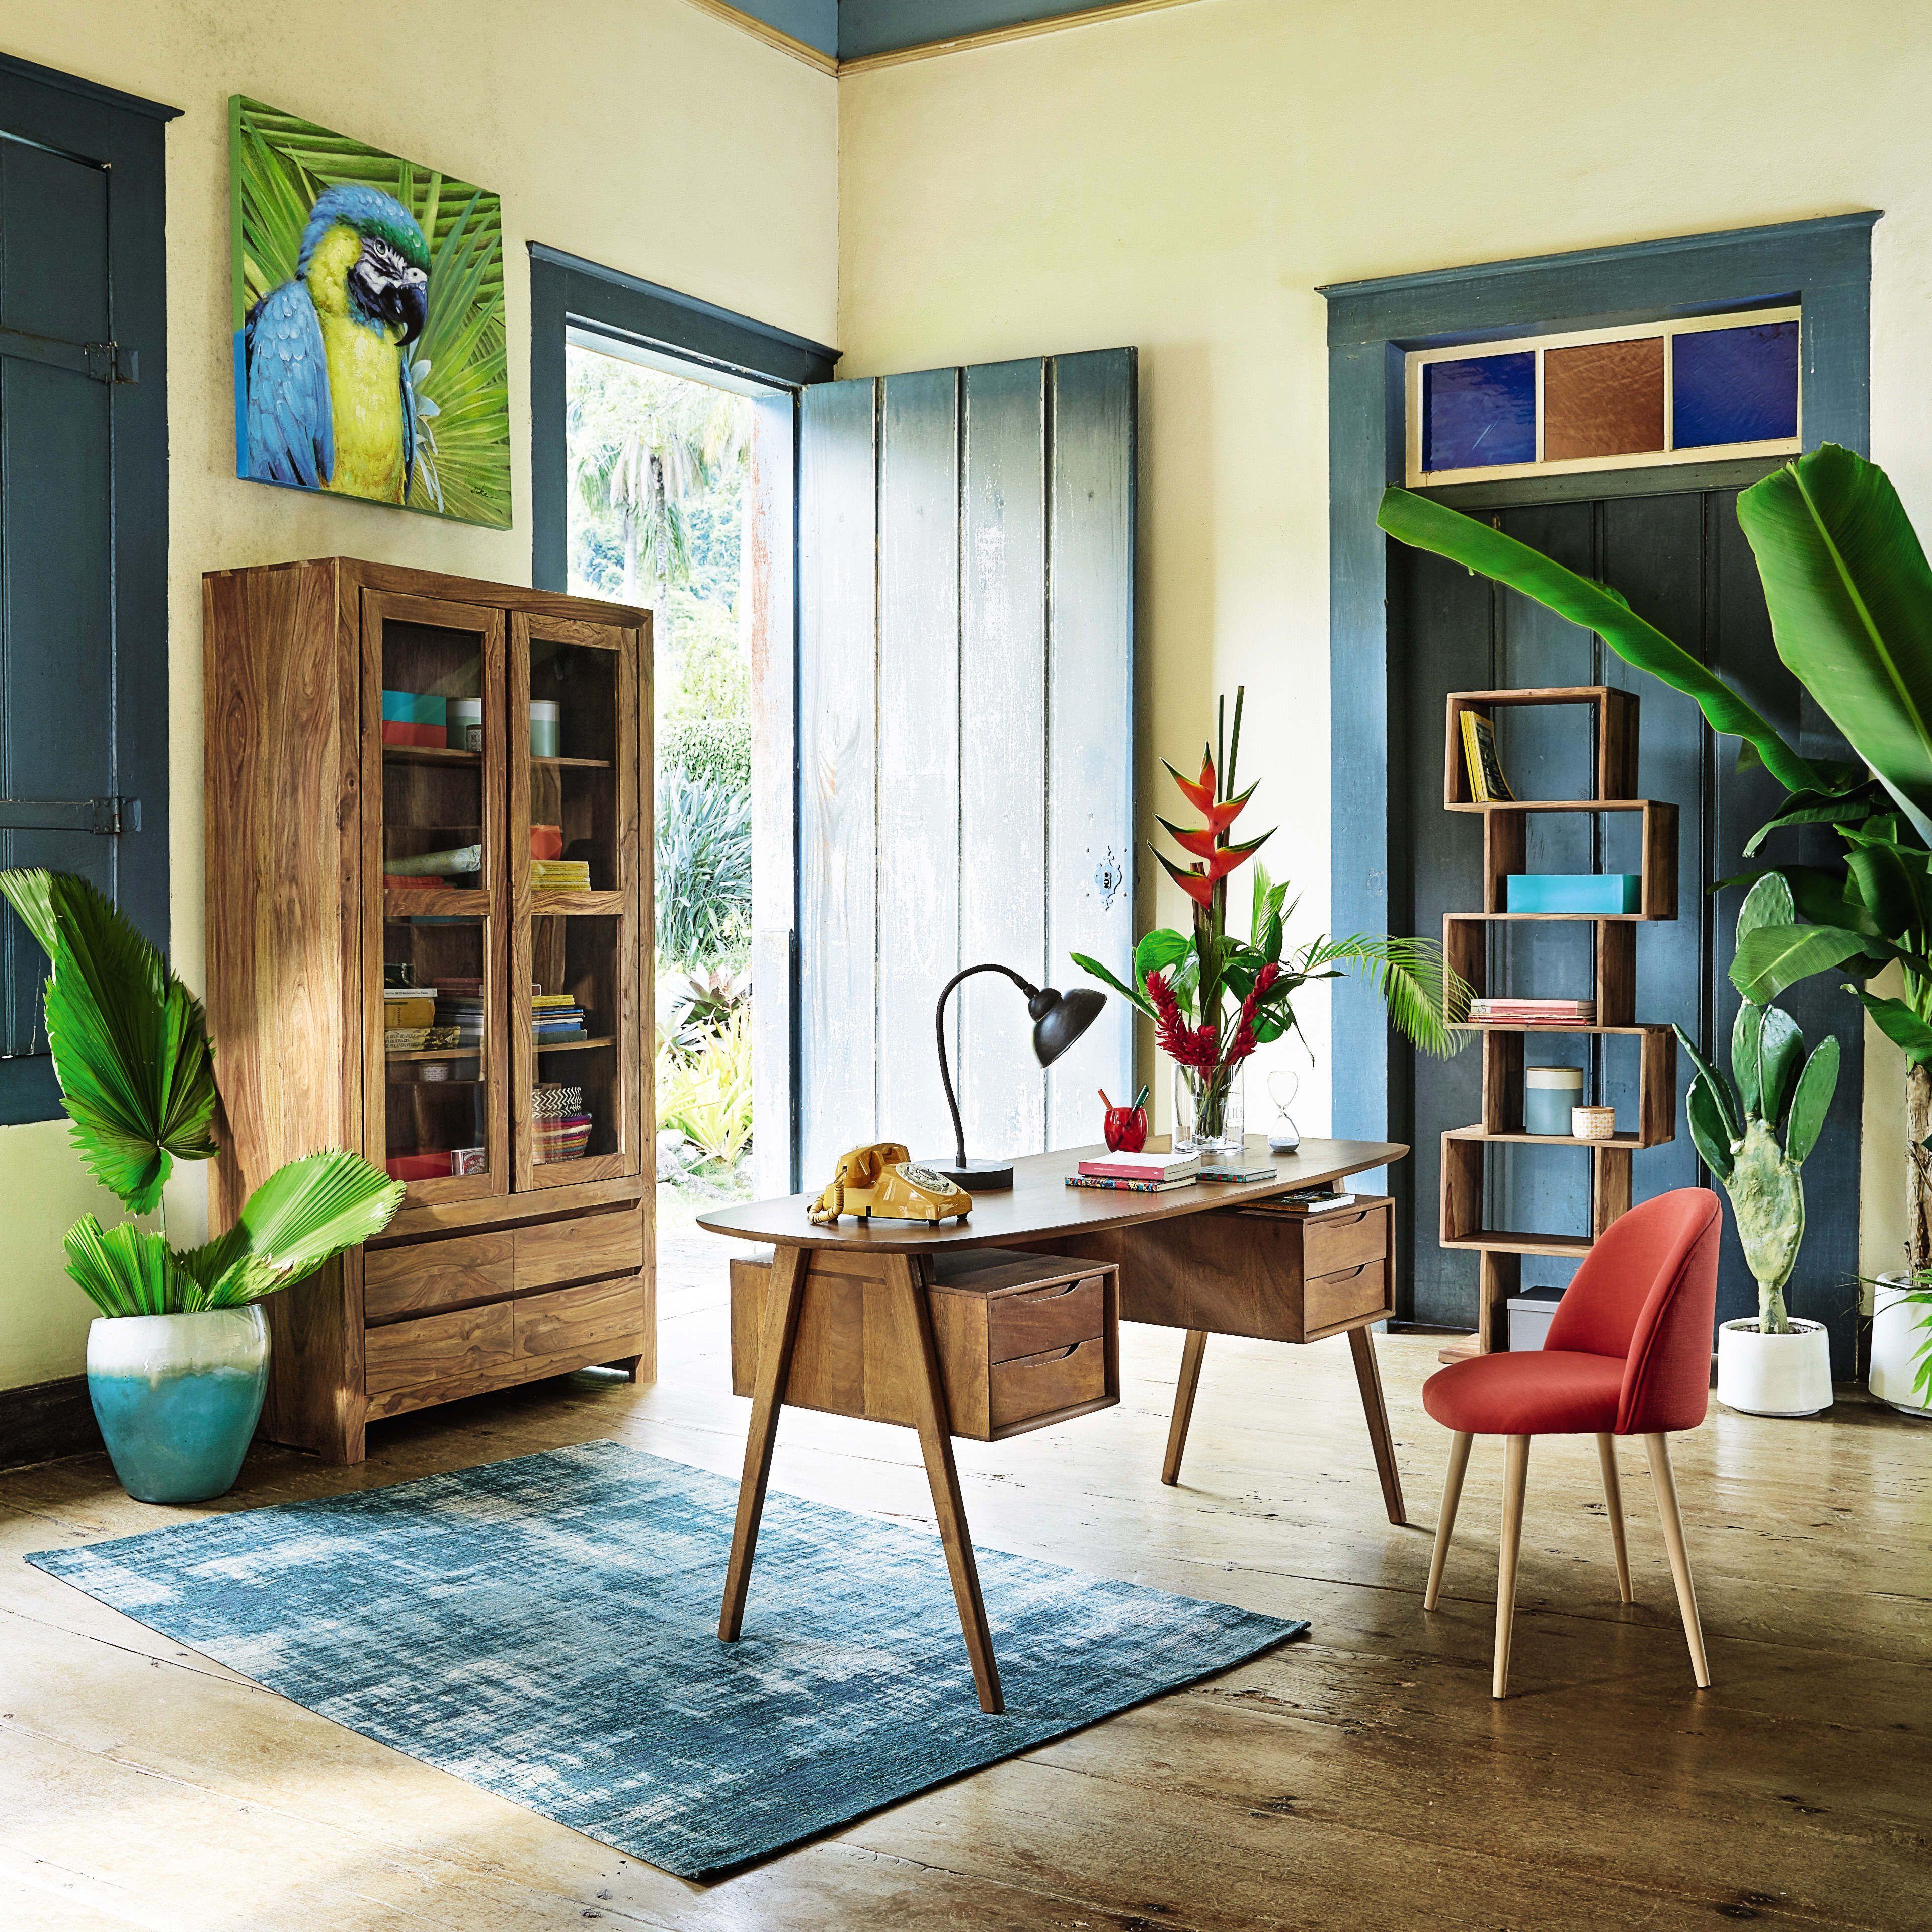 Déco murale | Meuble deco, Mobilier de salon et Maison du monde